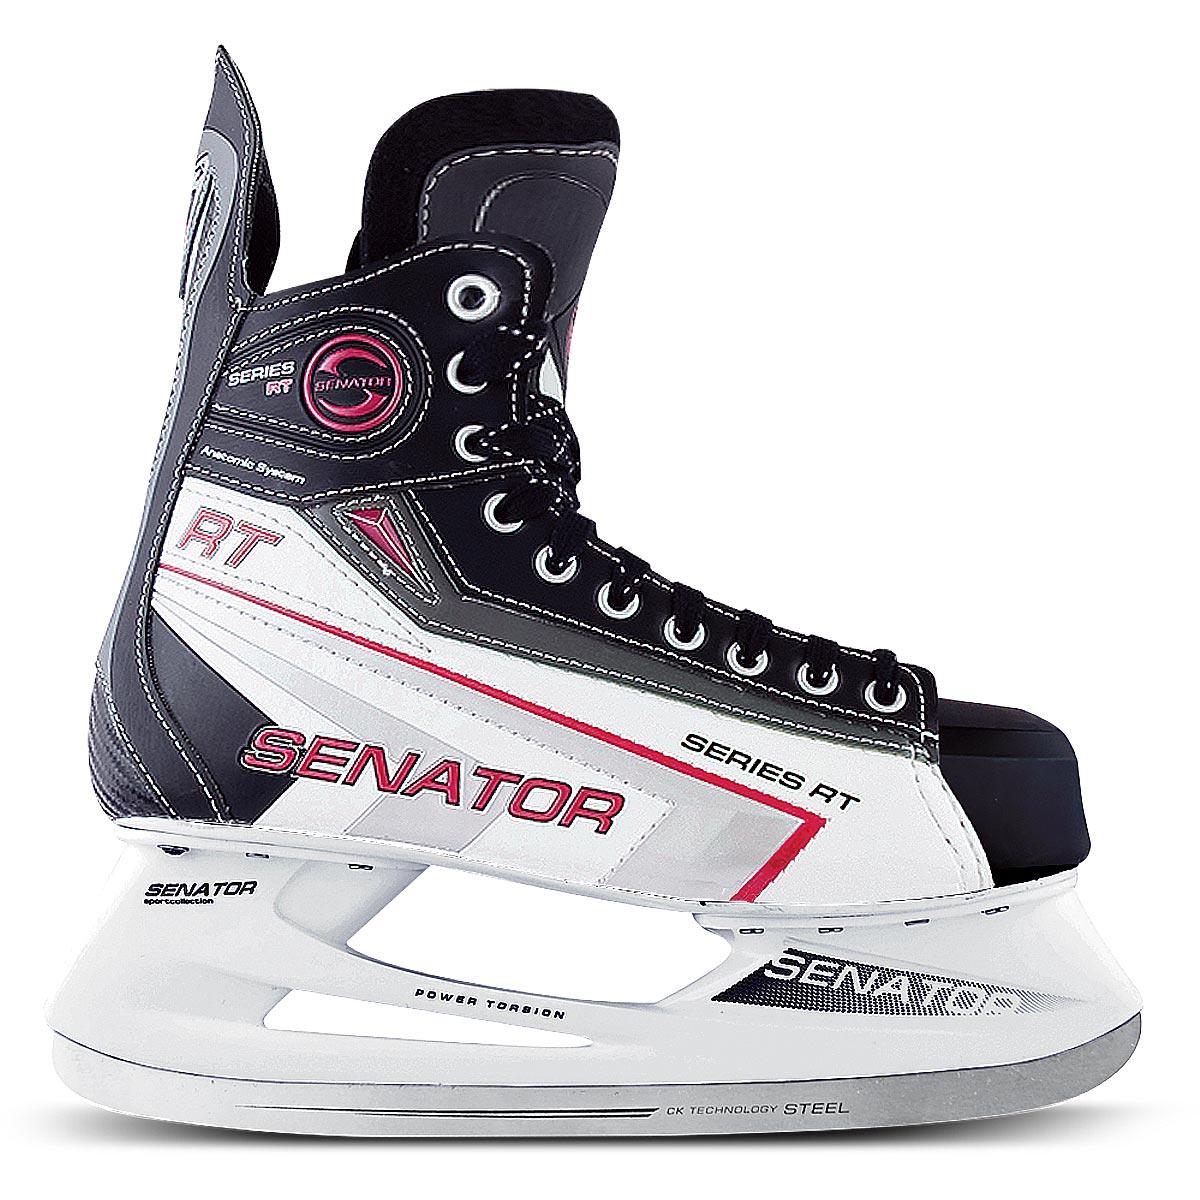 Коньки хоккейные мужские СК Senator RT, цвет: черный, белый. Размер 42Senator RTСтильные коньки от CK прекрасно подойдут для начинающих игроков в хоккей. Ботинок выполнен из морозоустойчивой искусственной кожи и ПВХ. Мыс дополнен вставкой, которая защитит ноги от ударов. Внутренний слой и стелька изготовлены из мягкого вельвета, который обеспечит тепло и комфорт во время катания, язычок - из войлока. Плотная шнуровка надежно фиксирует модель на ноге. Анатомический голеностоп имеет удобный суппорт. По верху коньки декорированы оригинальным принтом и тиснением в виде логотипа бренда. Подошва - из твердого пластика. Стойка выполнена из ударопрочного поливинилхлорида. Лезвие из нержавеющей стали обеспечит превосходное скольжение. Оригинальные коньки придутся вам по душе.